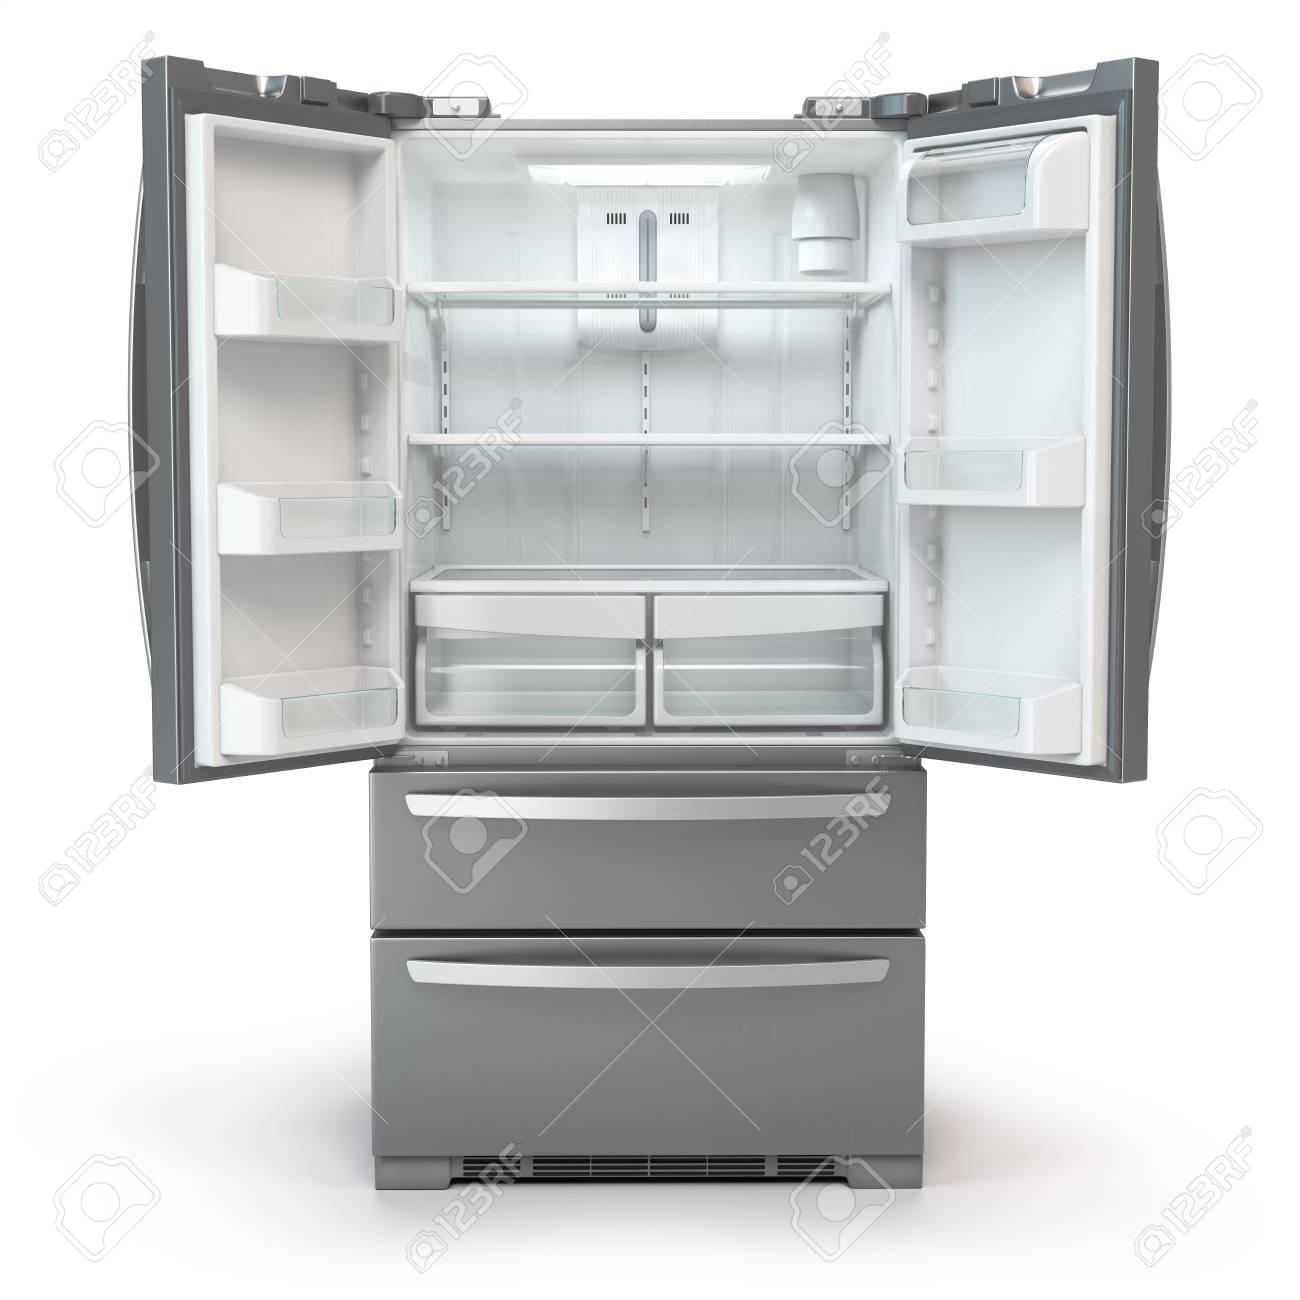 Open Fridge Freezer Side By Side Stainless Steel Srefrigerator 1300x1300